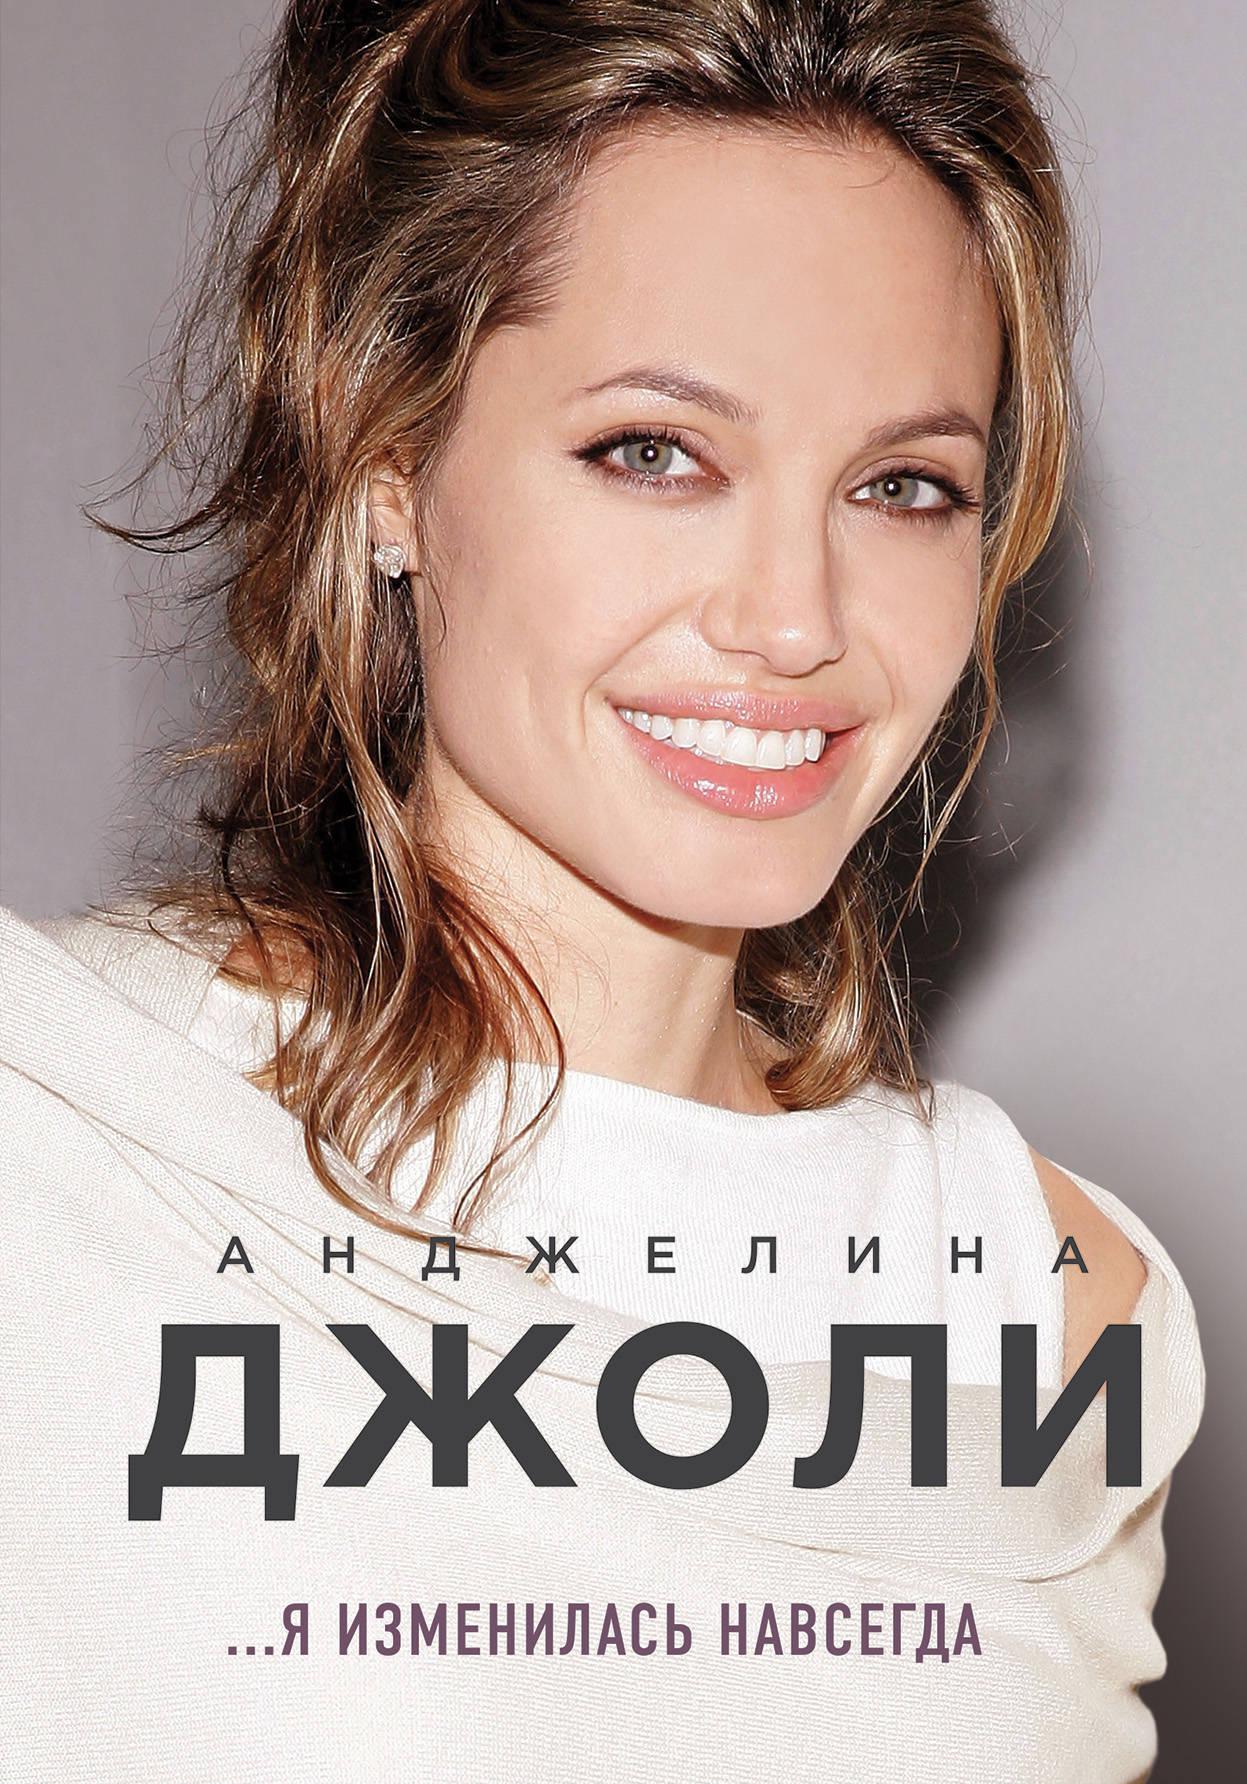 Анджелина Джоли. ...Я изменилась навсегда